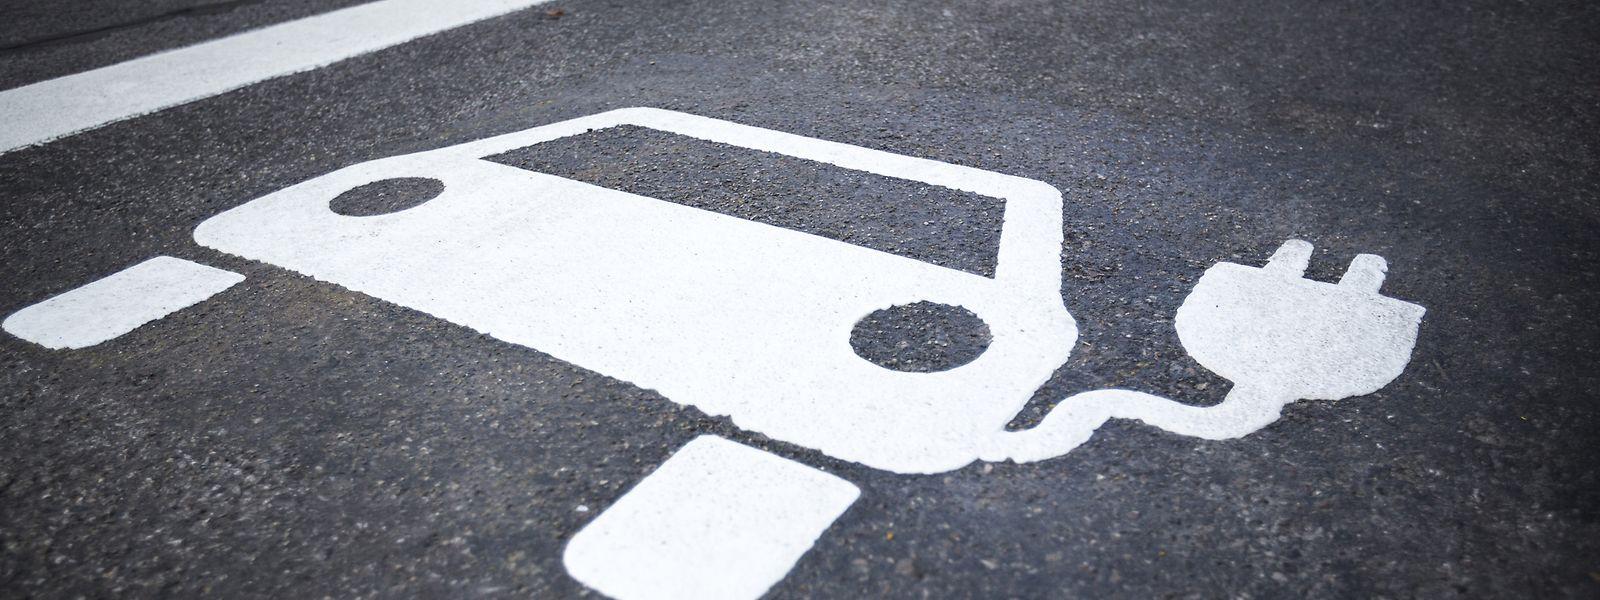 Der Staat unterstützt den Kauf eines Elektrofahrzeugs mit 5.000 Euro.